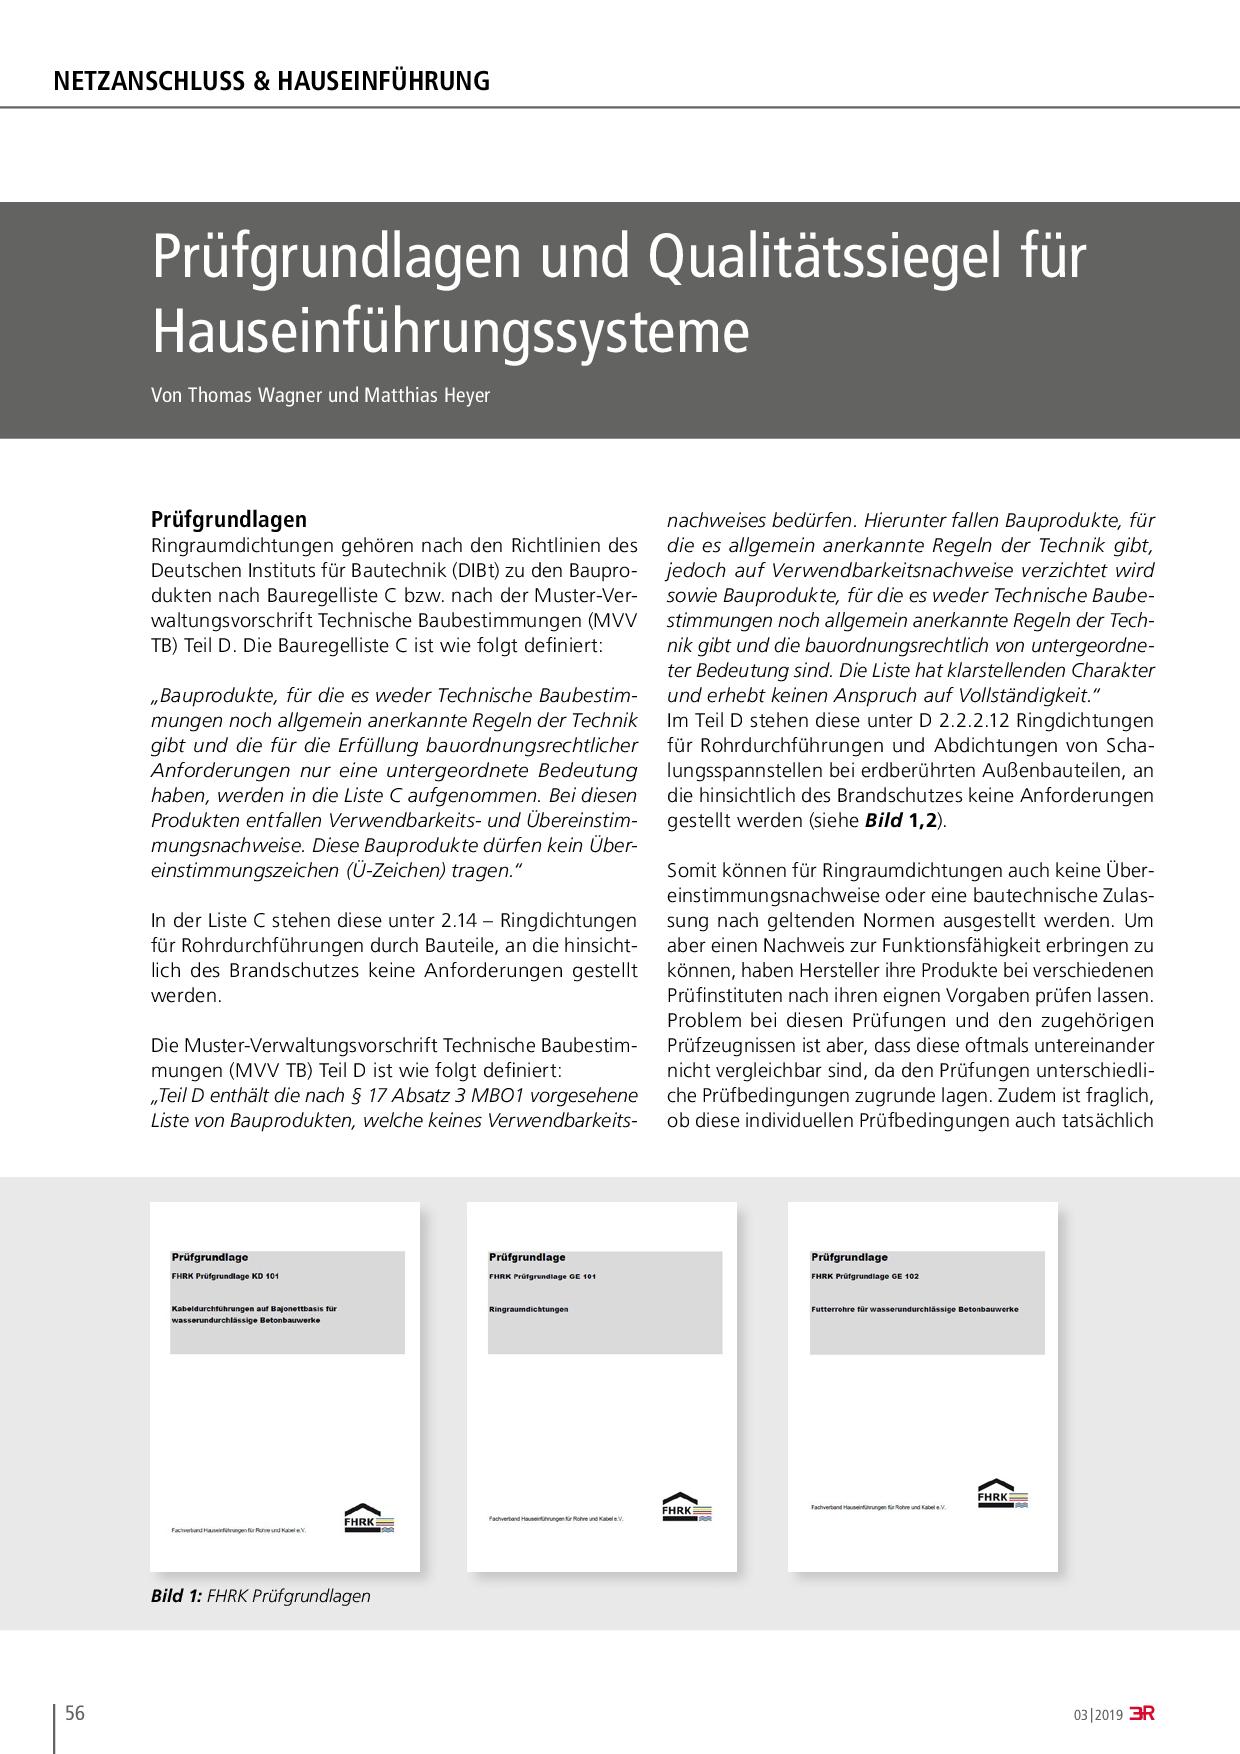 Prüfgrundlagen und Qualitätssiegel für Hauseinführungssysteme